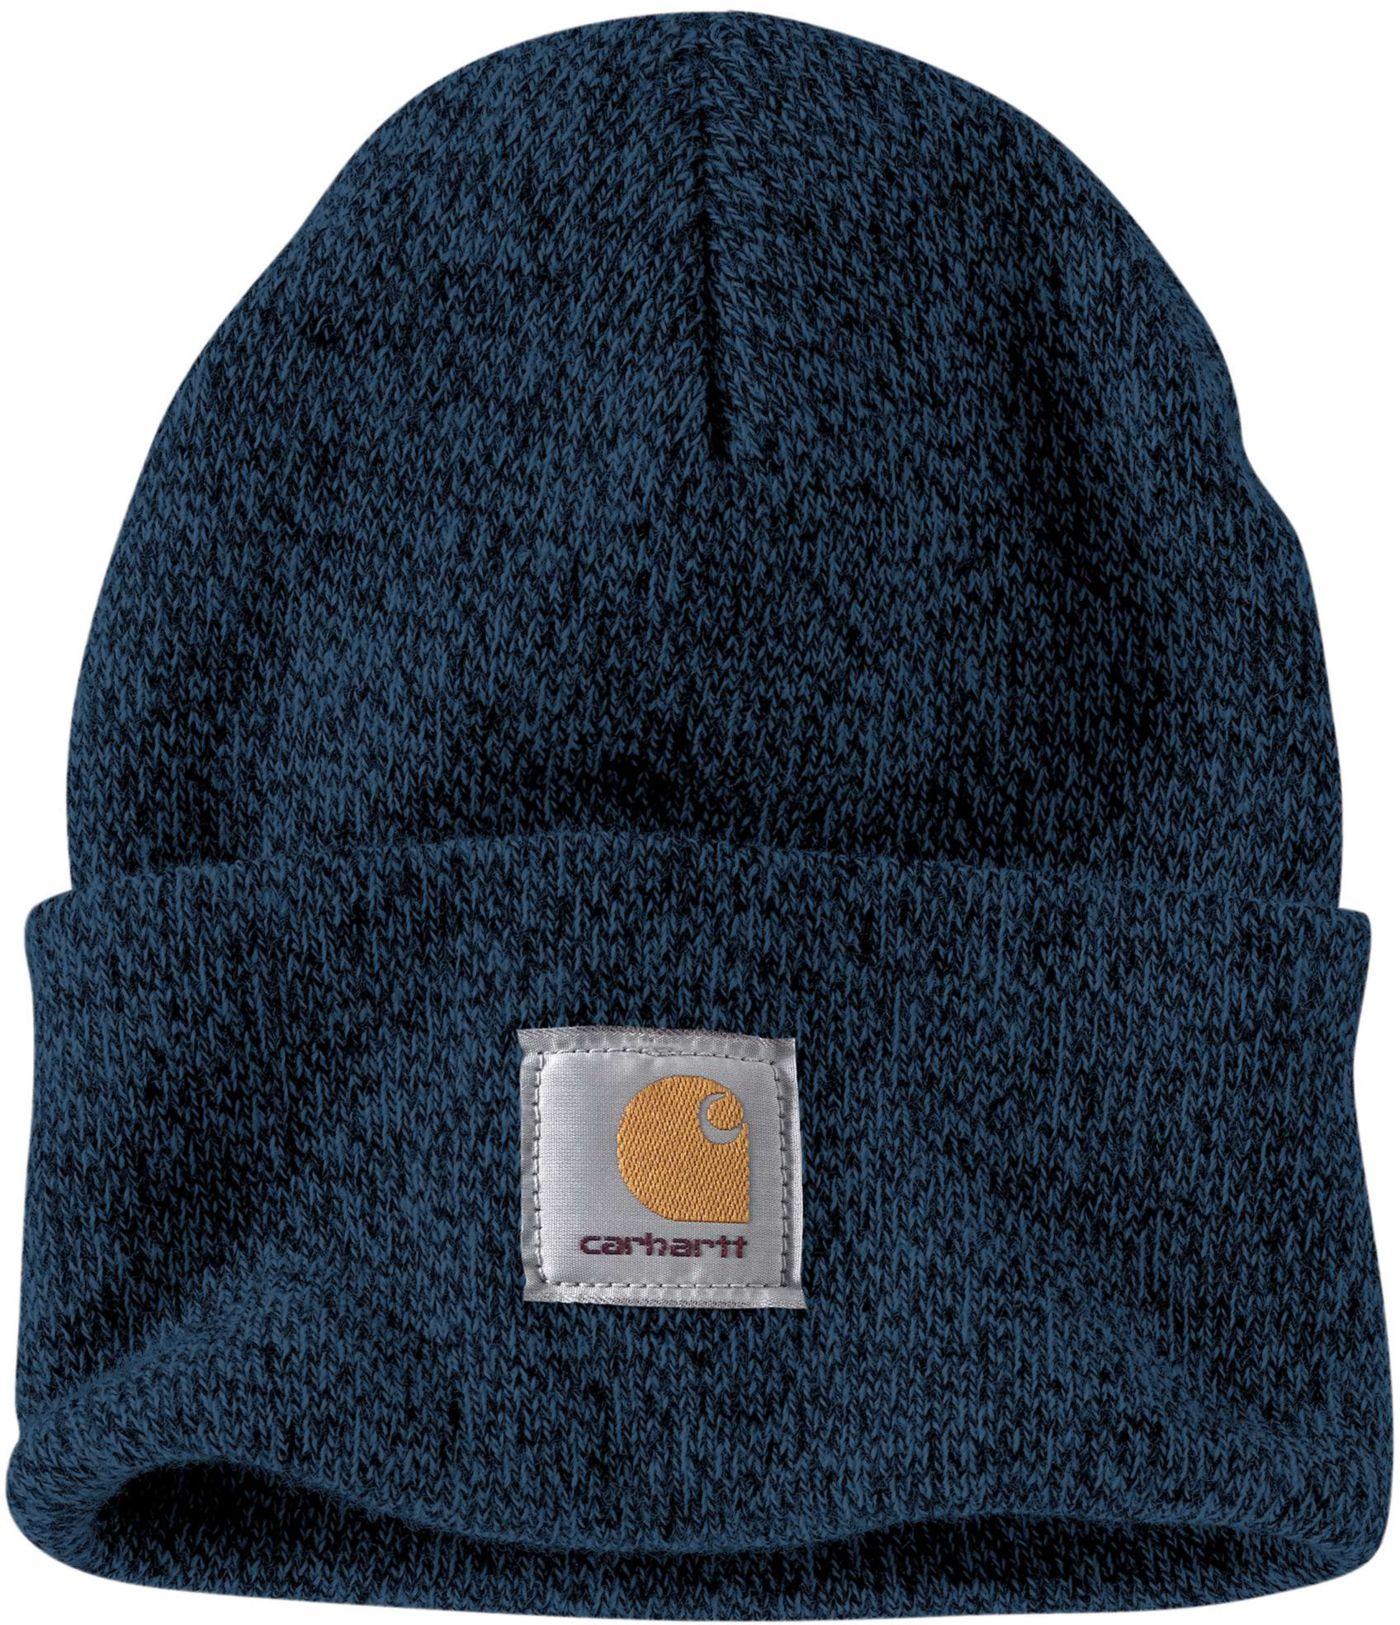 Carhartt A18 Watch Hat